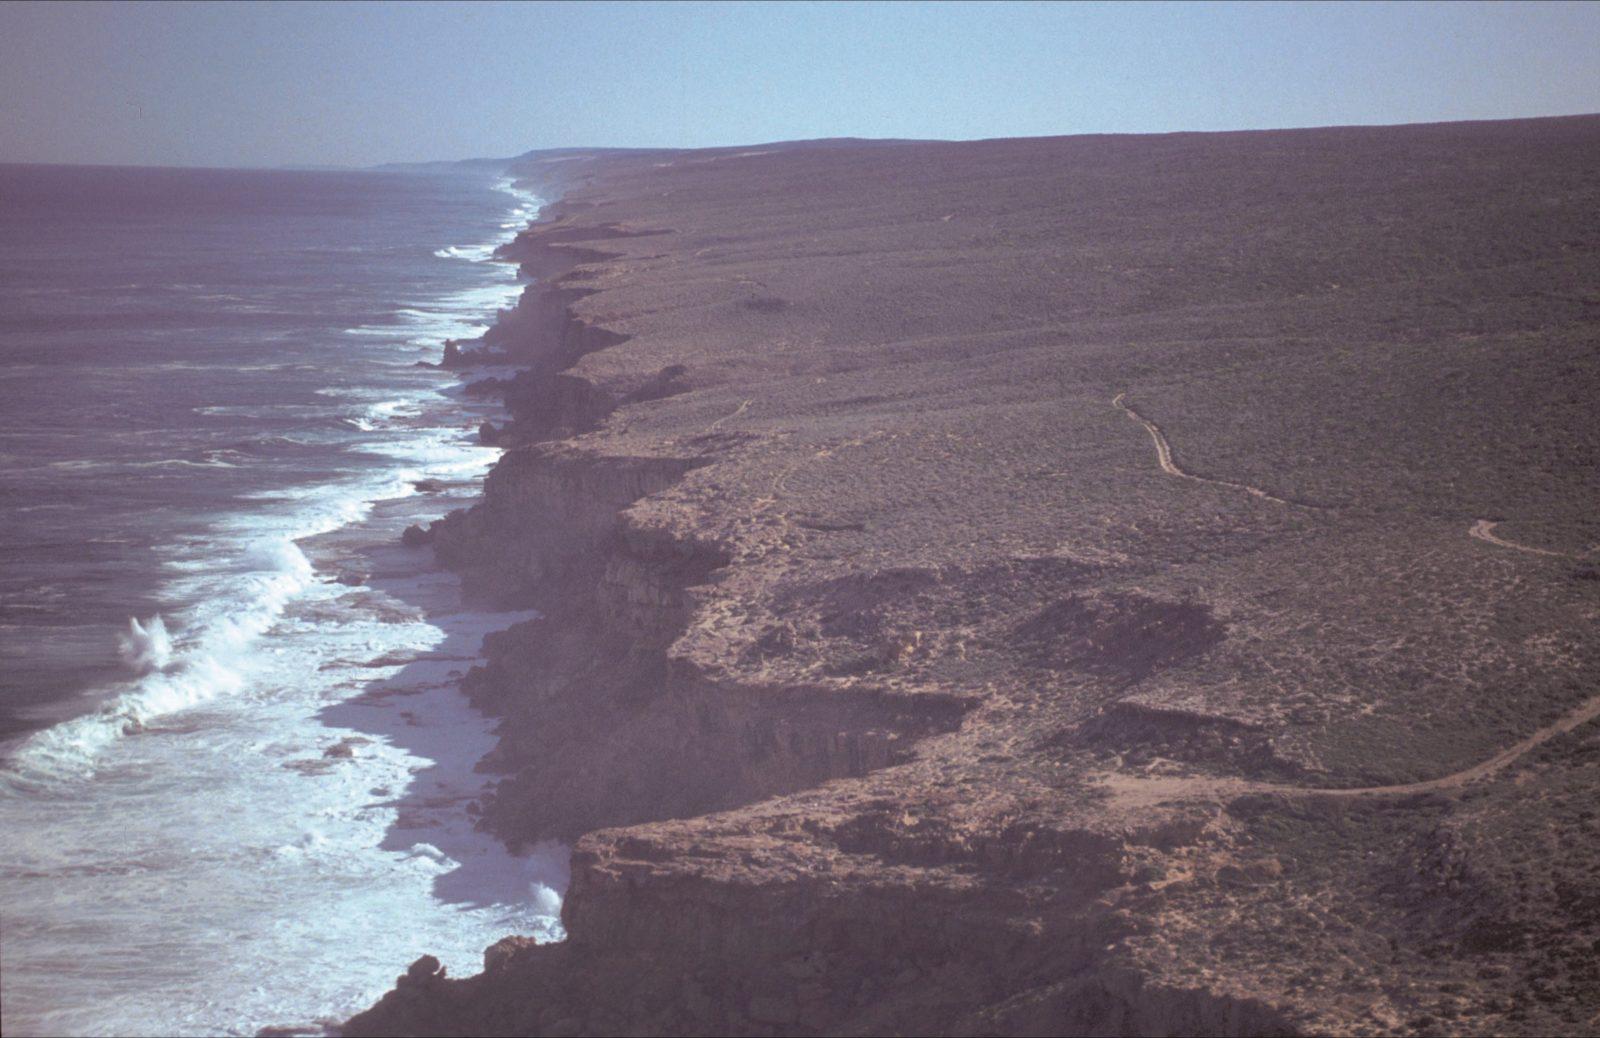 Zuytdorp Cliffs, Denham, Western Australia